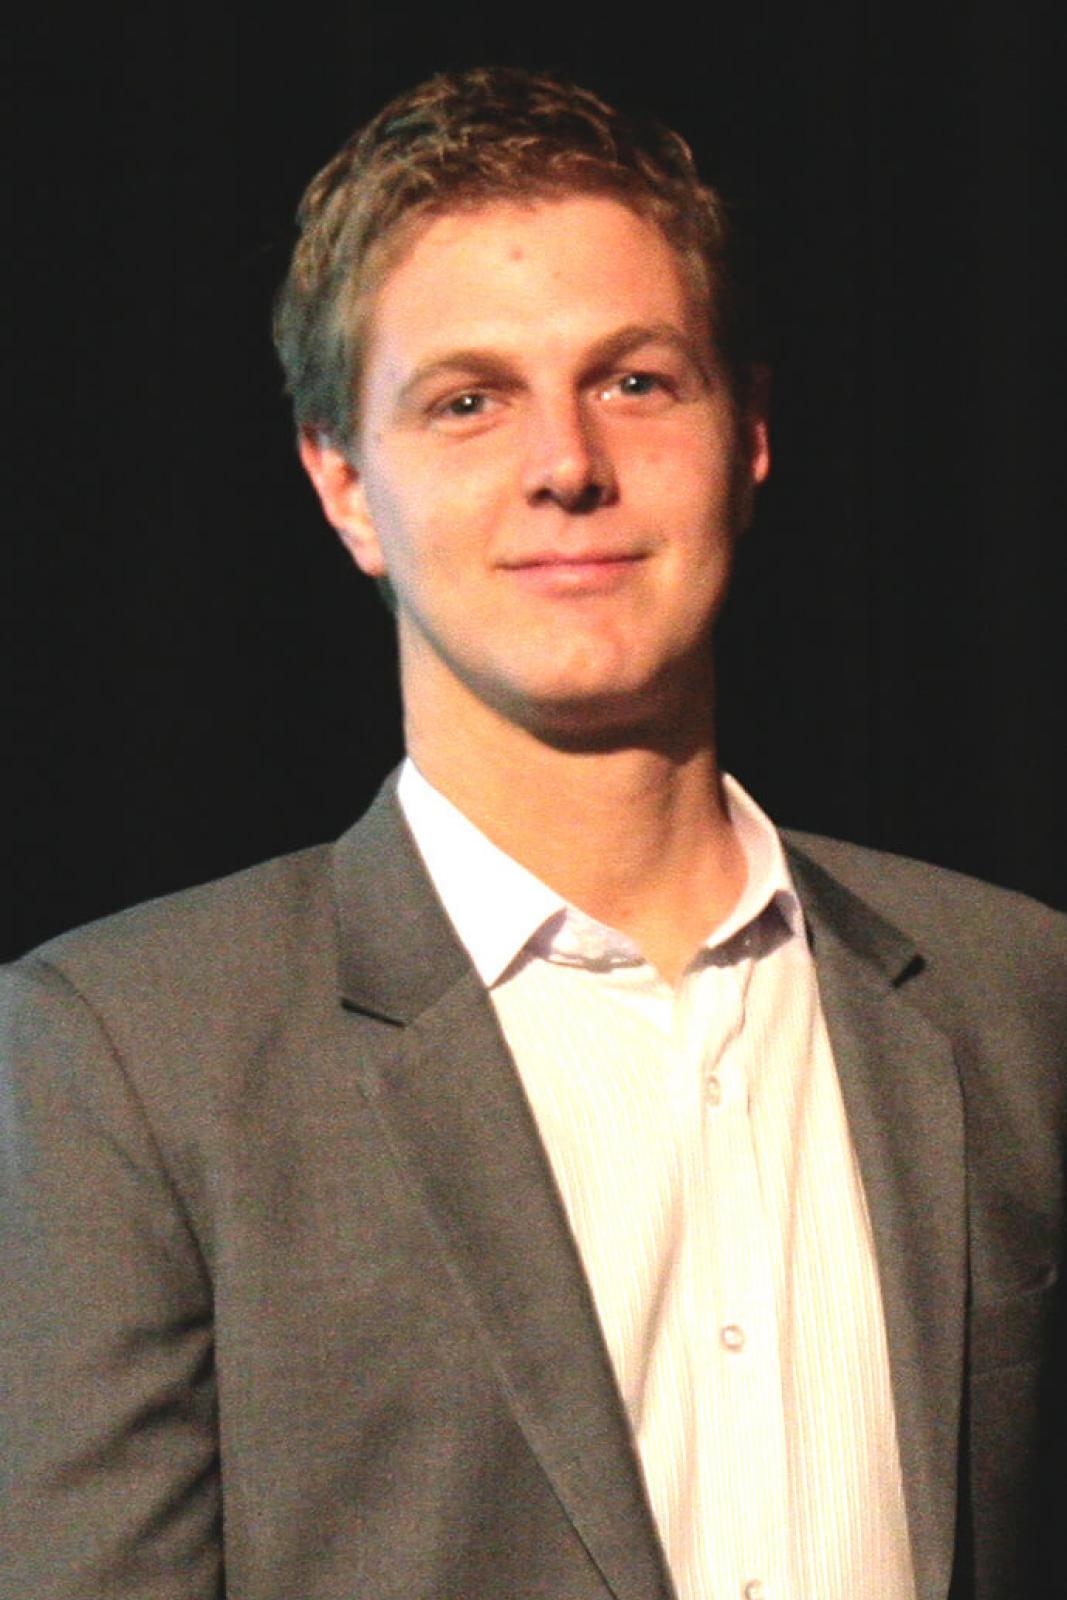 Michael van Dongen